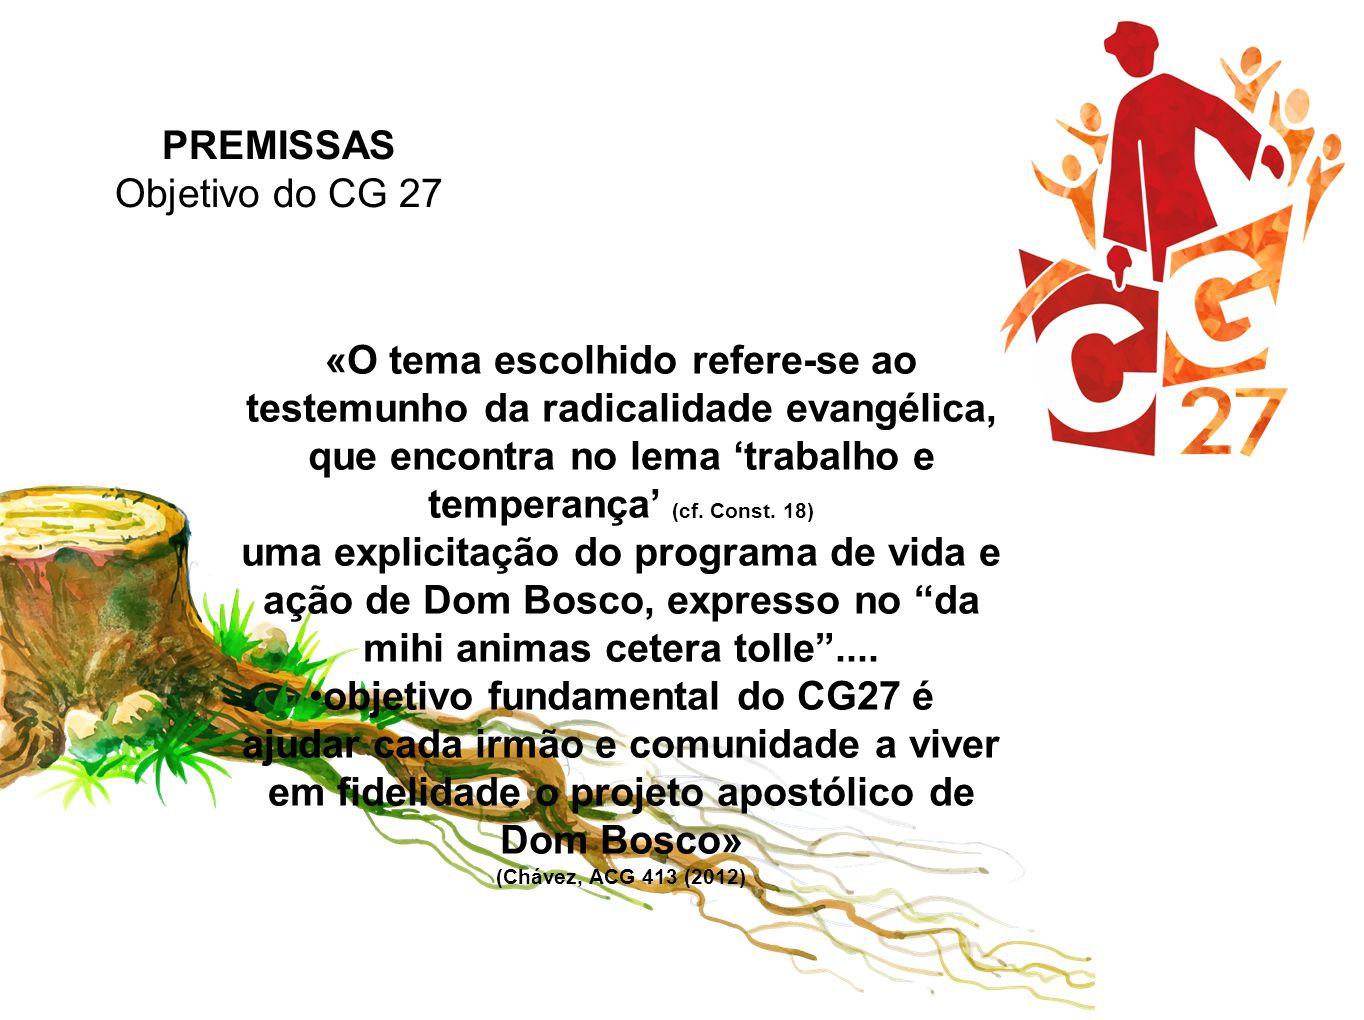 PREMISSAS Objetivo do CG 27 «O tema escolhido refere-se ao testemunho da radicalidade evangélica, que encontra no lema 'trabalho e temperança' (cf. Co